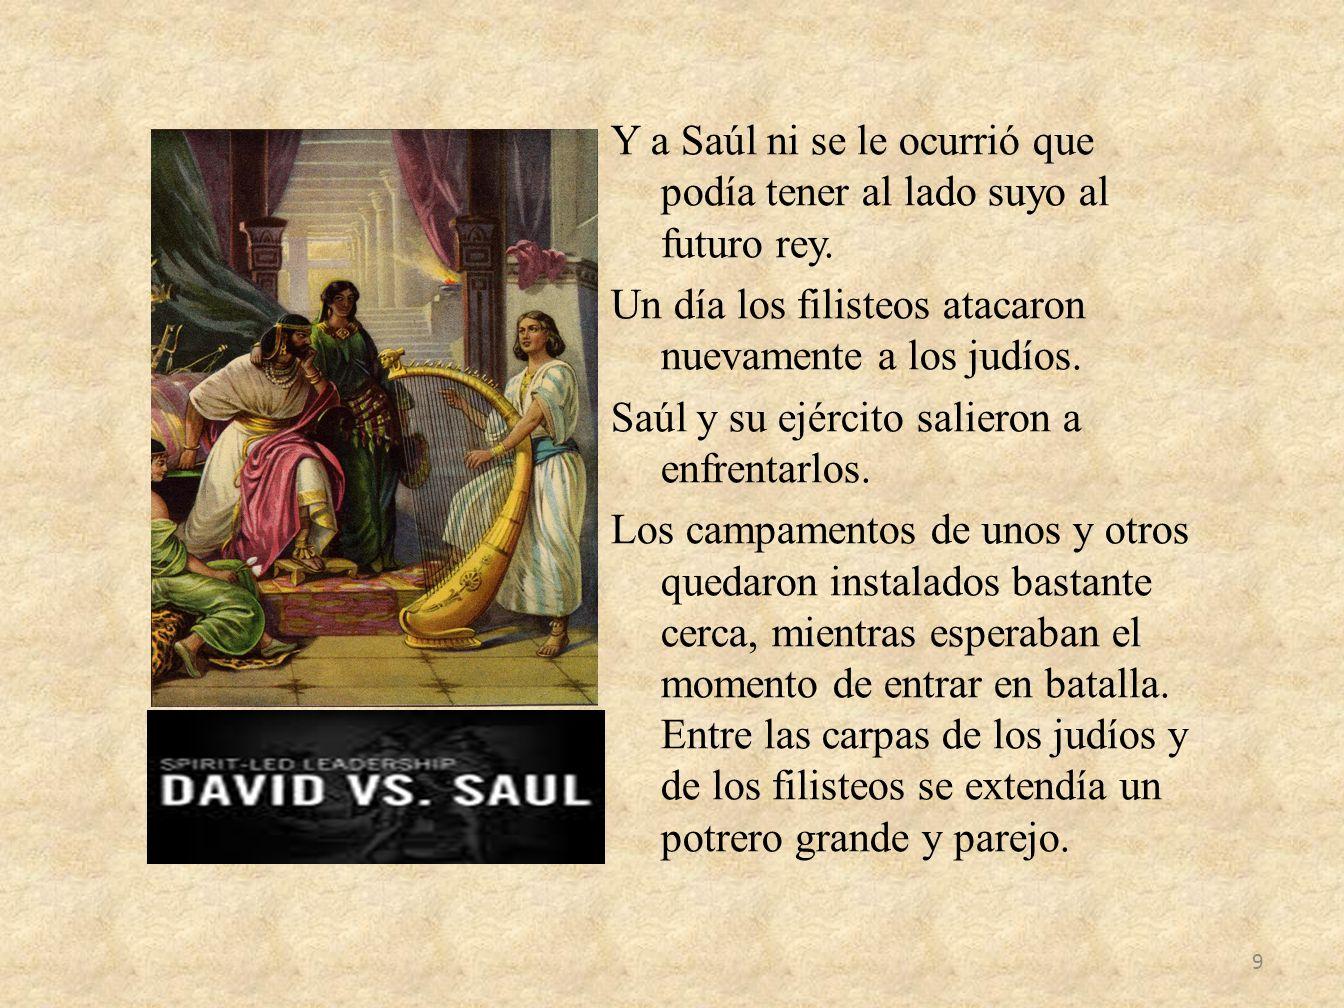 Y a Saúl ni se le ocurrió que podía tener al lado suyo al futuro rey. Un día los filisteos atacaron nuevamente a los judíos. Saúl y su ejército salier